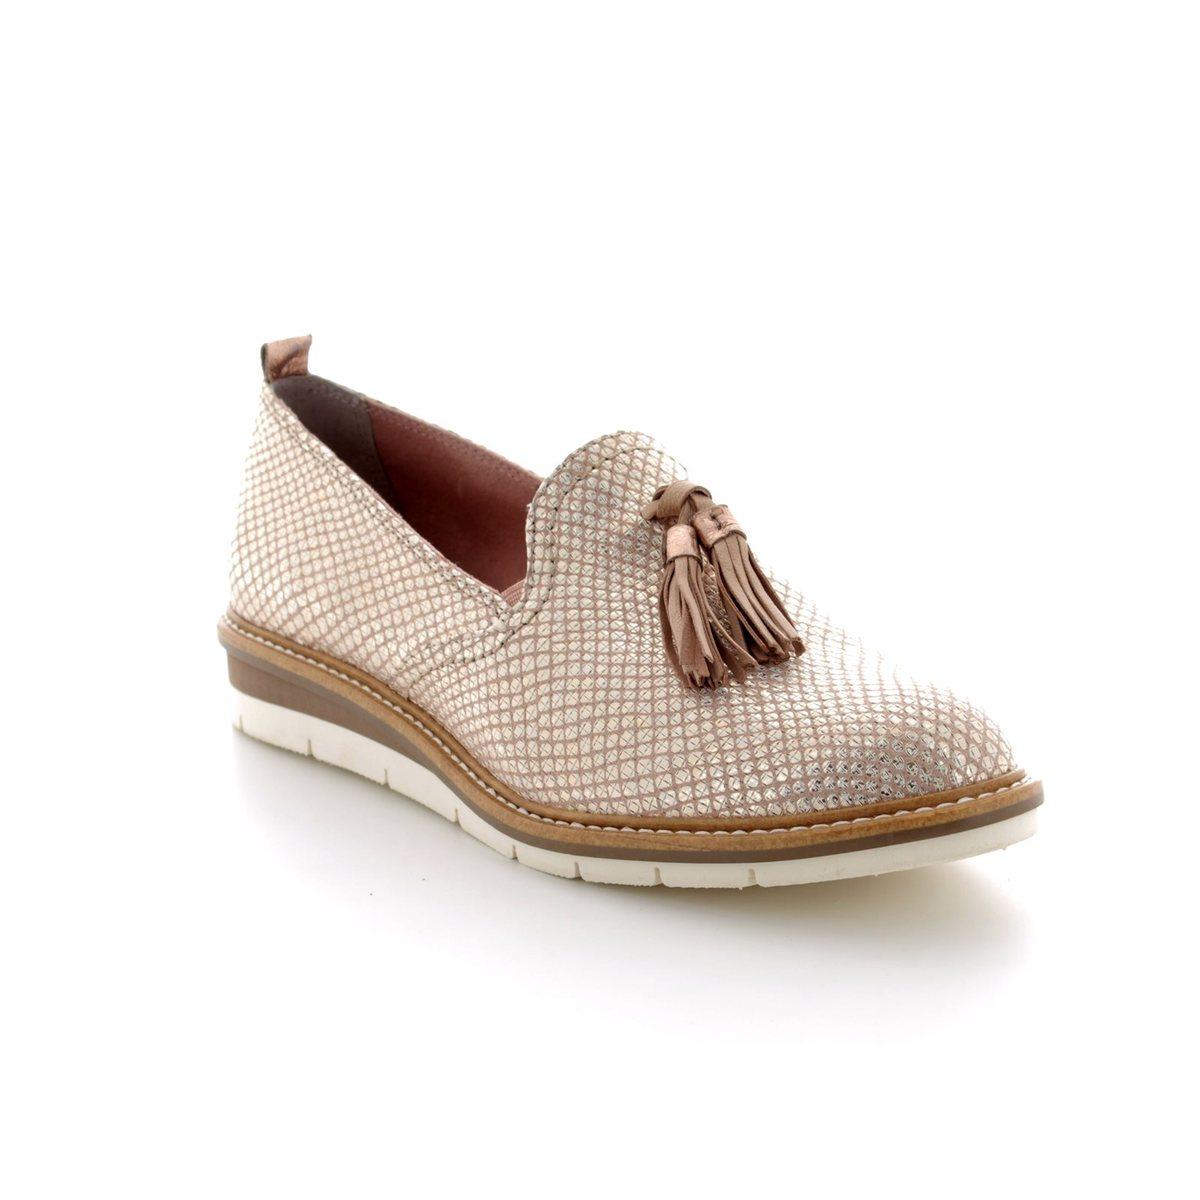 Tamaris Kela 24300-20426 Beige multi loafers 3e915d25de